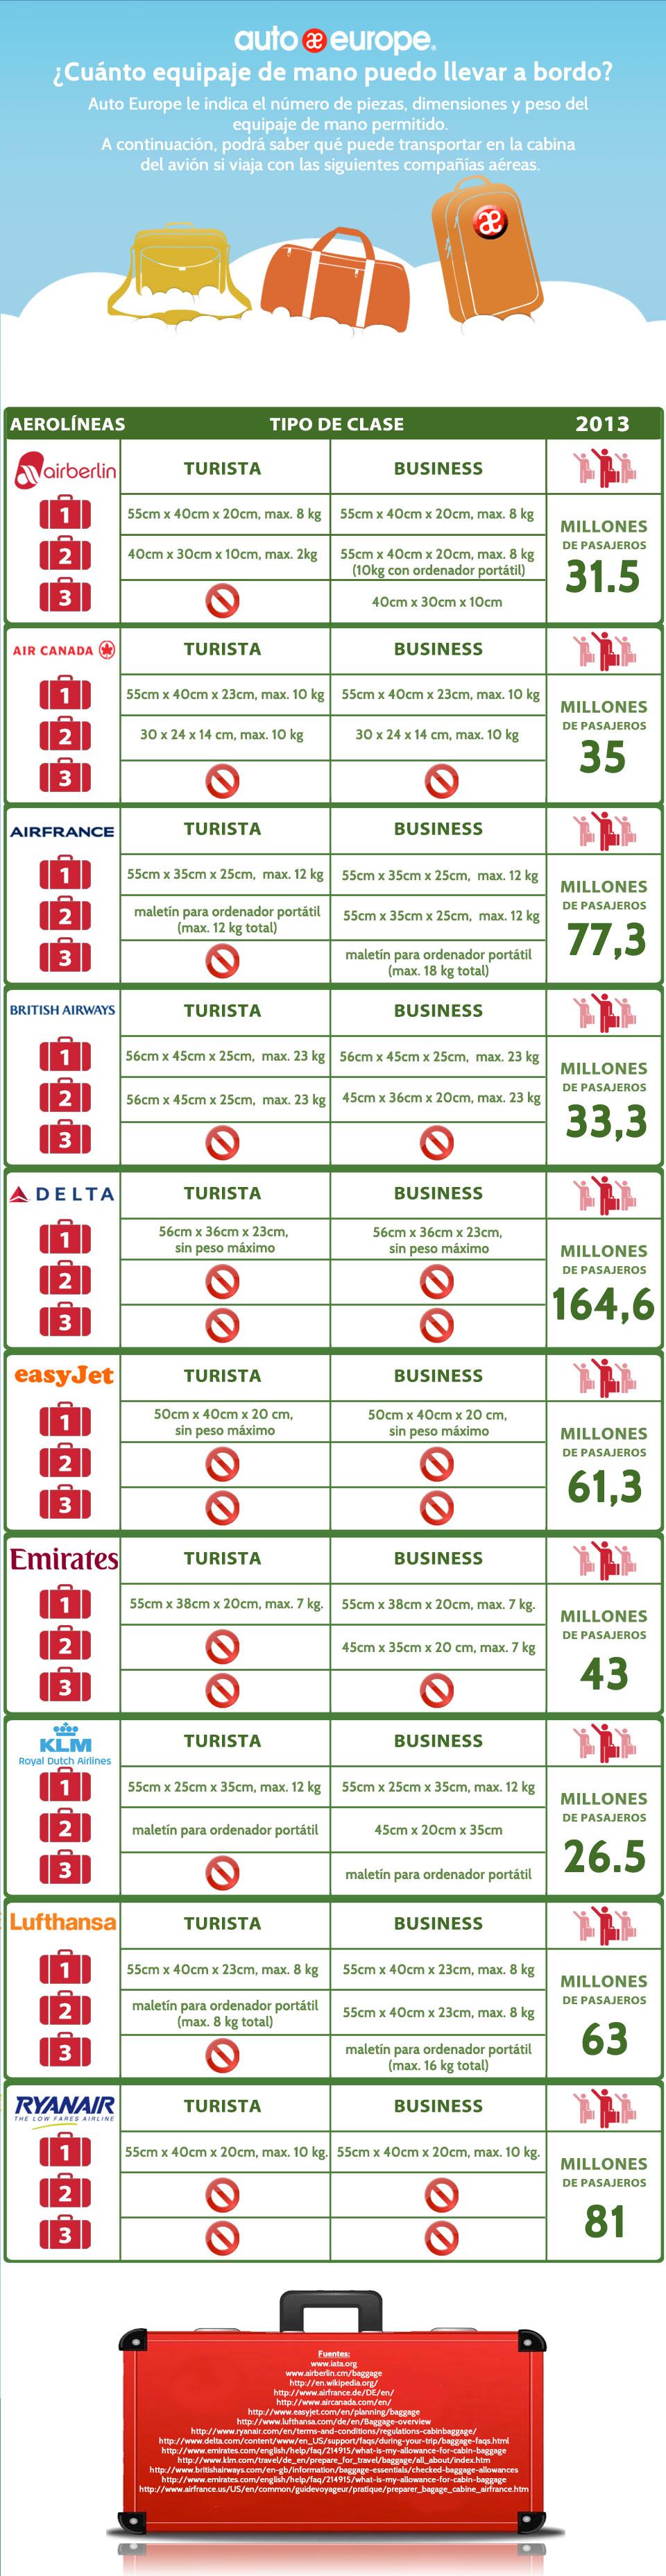 Infografía - Límites del equipaje de mano